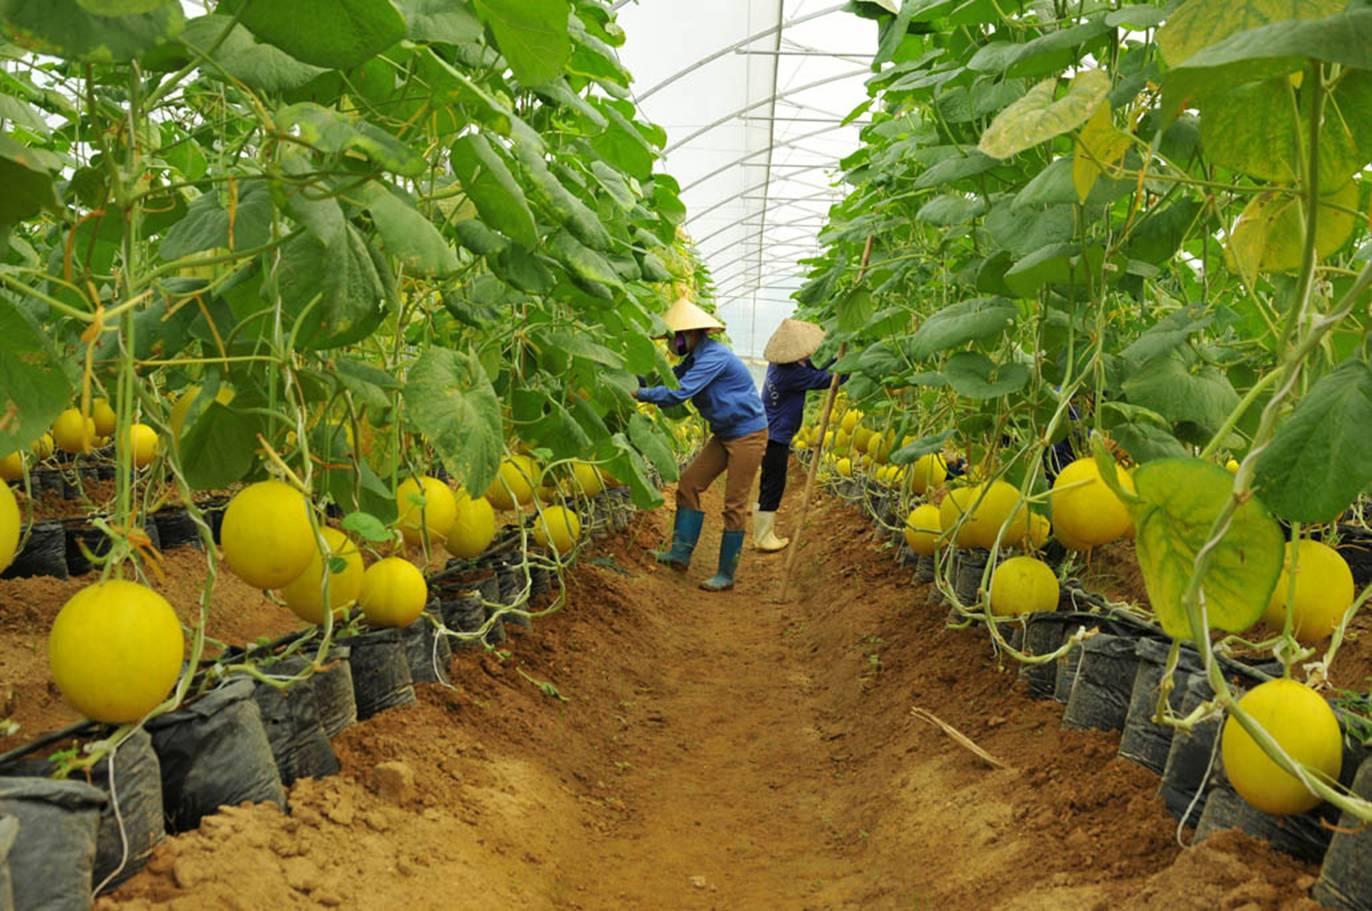 ngành trồng trọt, bộ nông nghiệp, chế biến, xuất khẩu